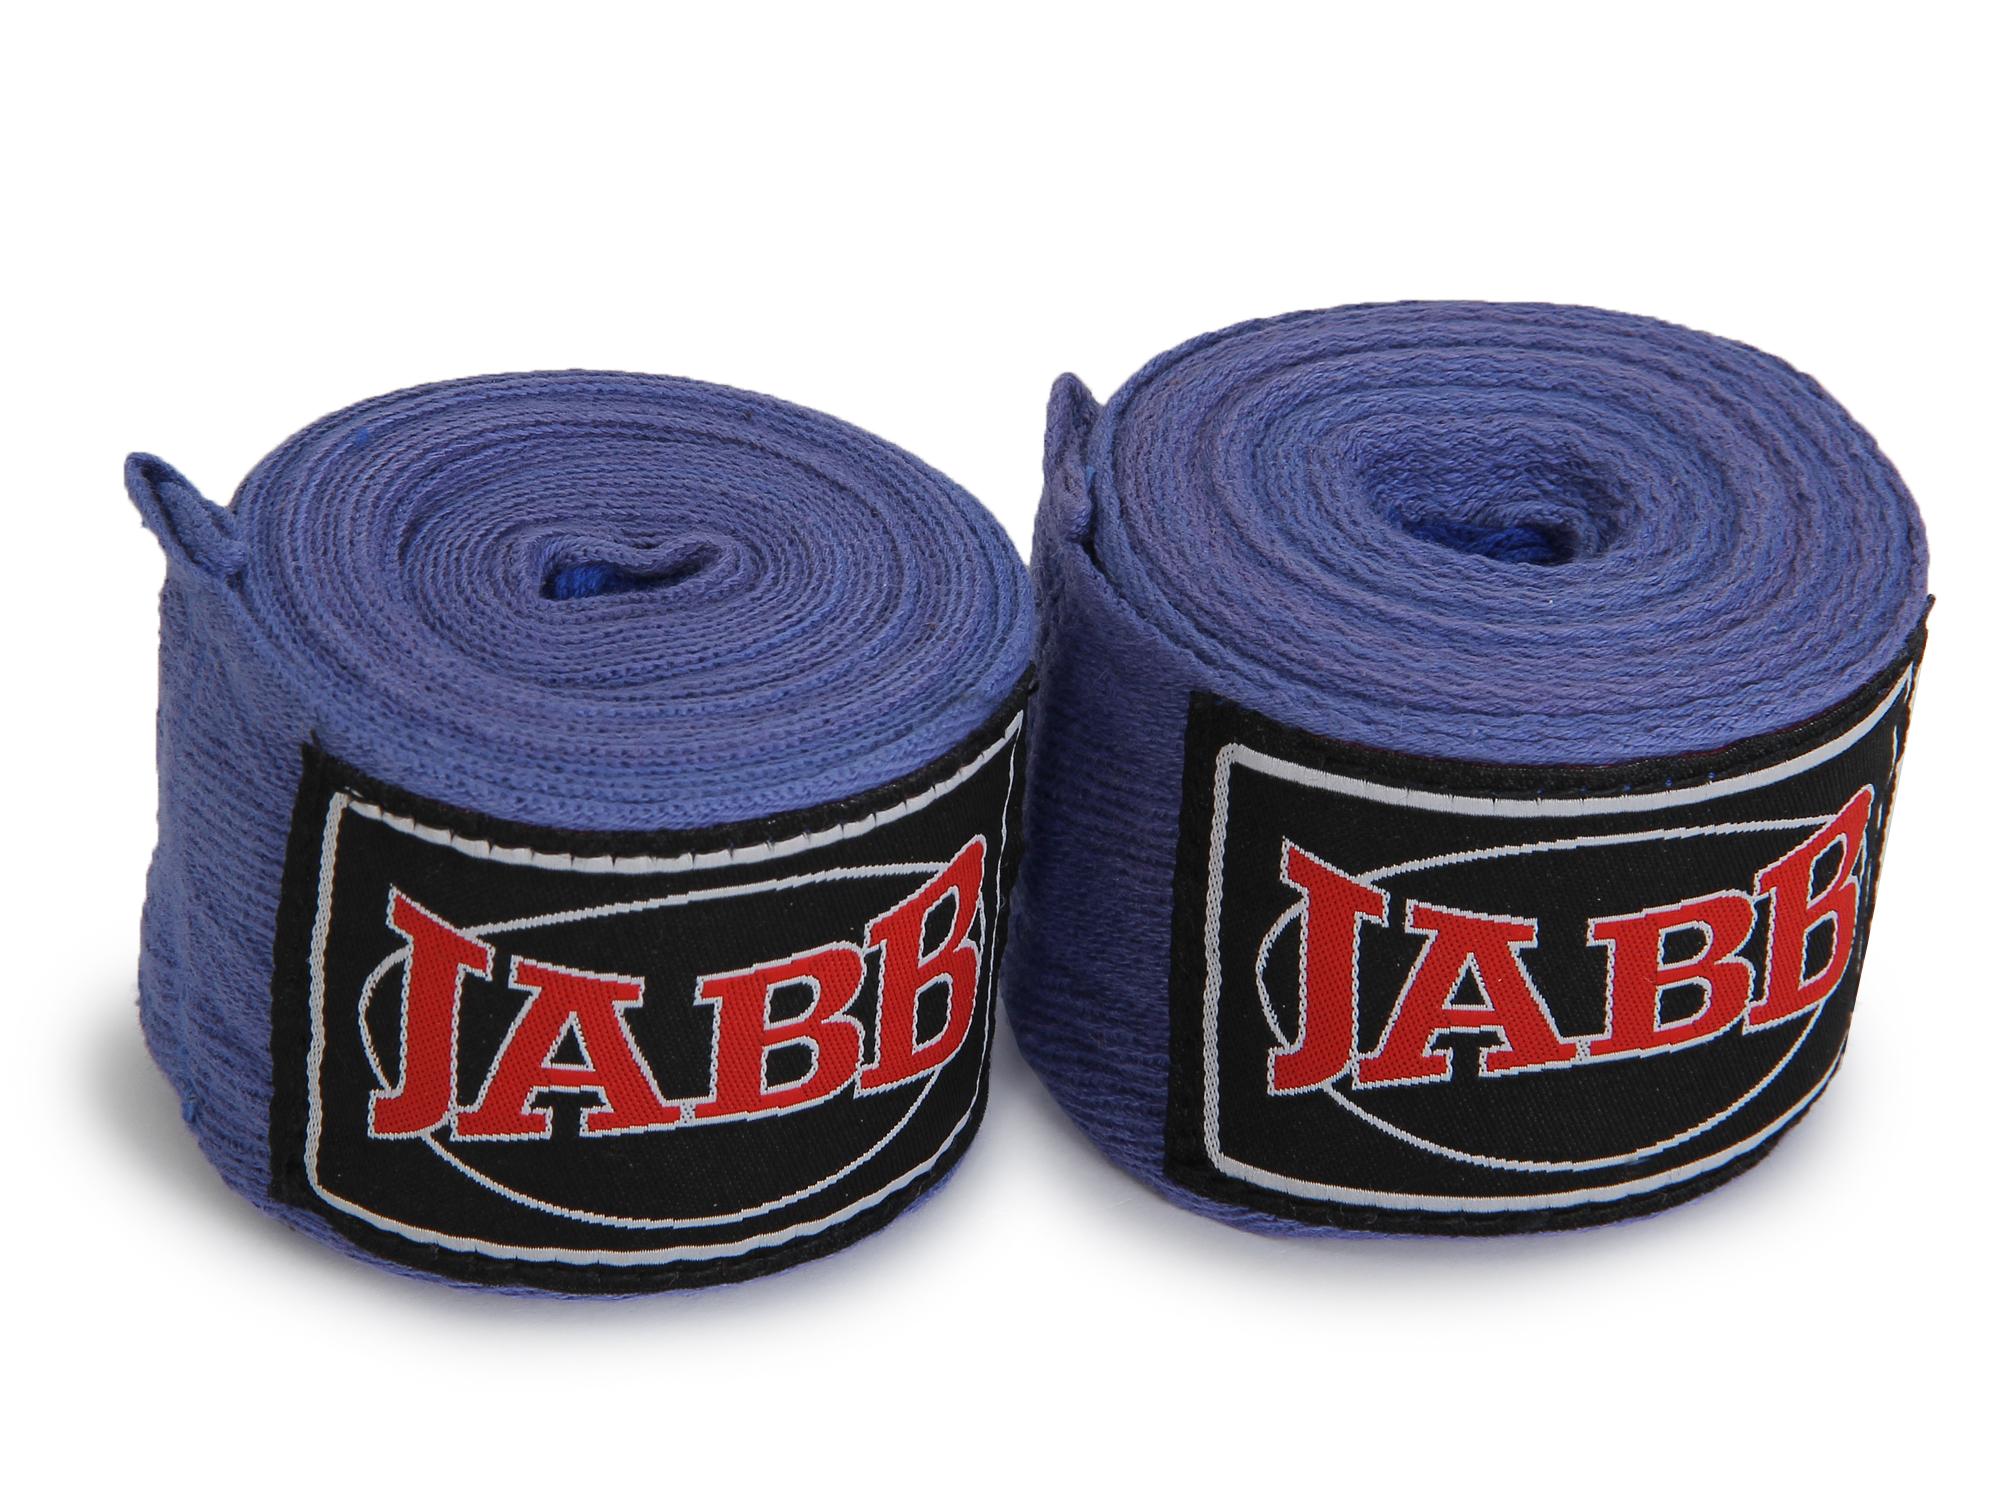 Боксерские бинты Jabb JE-3030 3,5 м синие